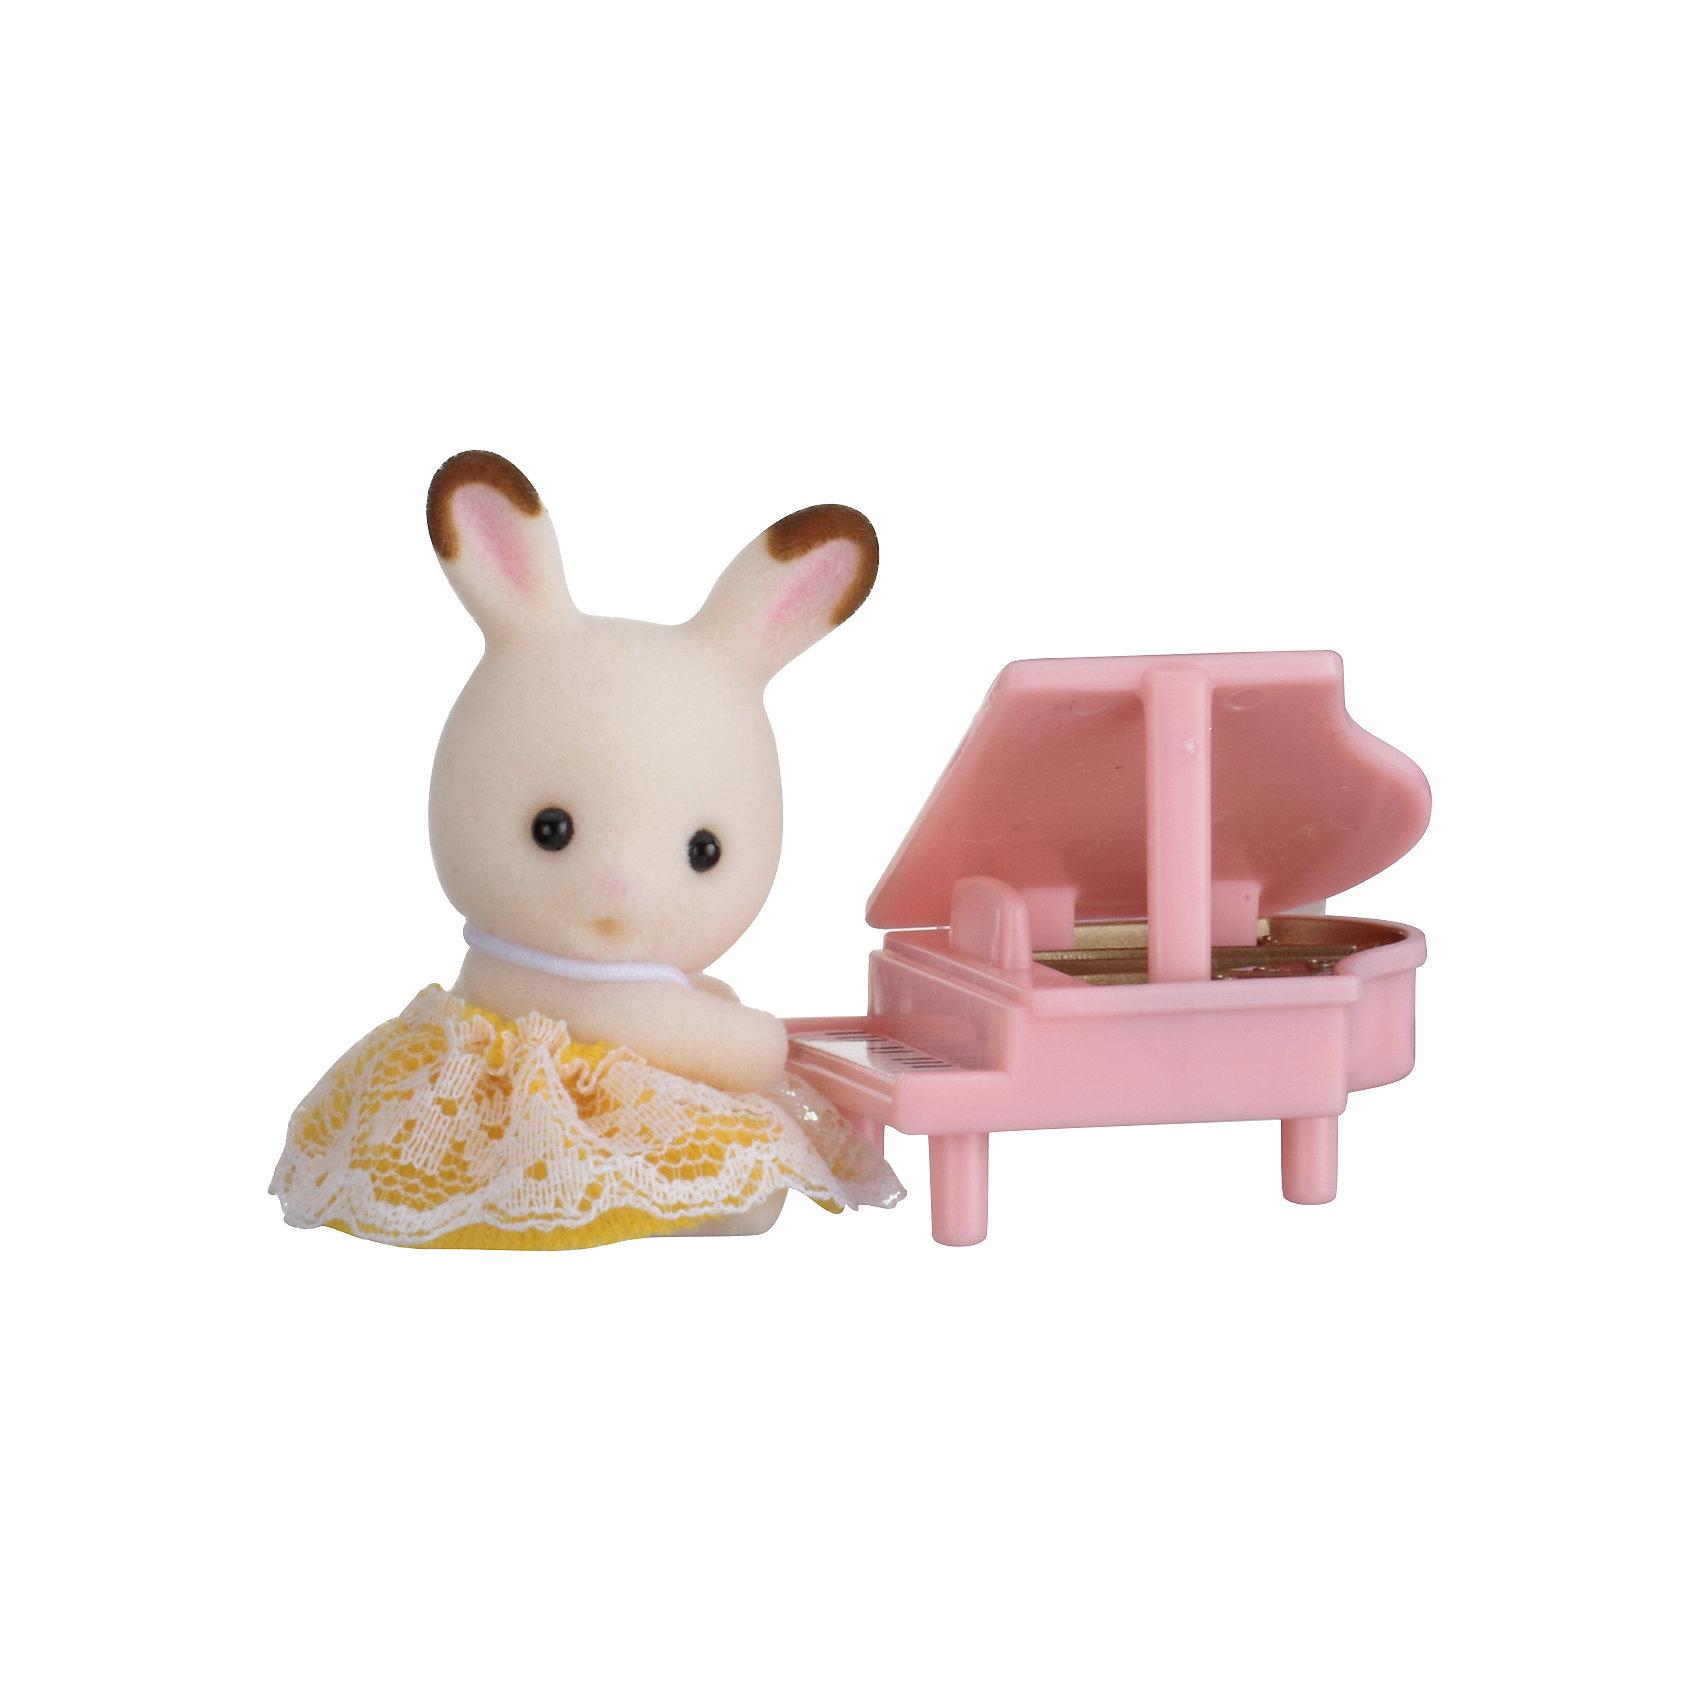 Набор Младенец в пластиковом сундучке  (кролик и рояль), Sylvanian FamiliesSylvanian Families (Сильваниан Фэмилис) - целый мир, в котором живут маленькие милые зверята -  кролики, белки, медведи, лисы и многие другие. У каждого из них есть дом. Познакомься с малышом-кроликом, он еще совсем маленький, но уже учится играть на рояле. Игрушка прекрасно подходит для сюжетно-ролевых игр детей, развивает социальные навыки, мелкую моторику и воображение. Все детали набора выполнены их высококачественных, нетоксичных безопасных материалов. <br><br>Дополнительная информация:<br><br>- Комплектация: малыш-кролик, рояль.<br>- Материал: пластик, текстиль, флок.<br>- Голова и лапки поворачиваются.<br><br>Набор Младенец в пластиковом сундучке  (кролик и рояль), Sylvanian Families (Сильваниан Фэмилис), можно купить в нашем магазине.<br><br>Ширина мм: 275<br>Глубина мм: 267<br>Высота мм: 512<br>Вес г: 119<br>Возраст от месяцев: 36<br>Возраст до месяцев: 72<br>Пол: Женский<br>Возраст: Детский<br>SKU: 4177967